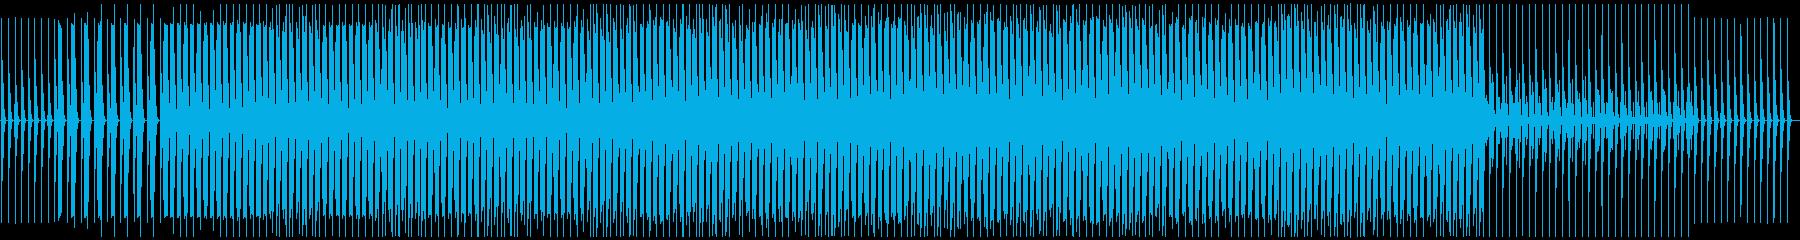 ダンスフロア、華麗。の再生済みの波形